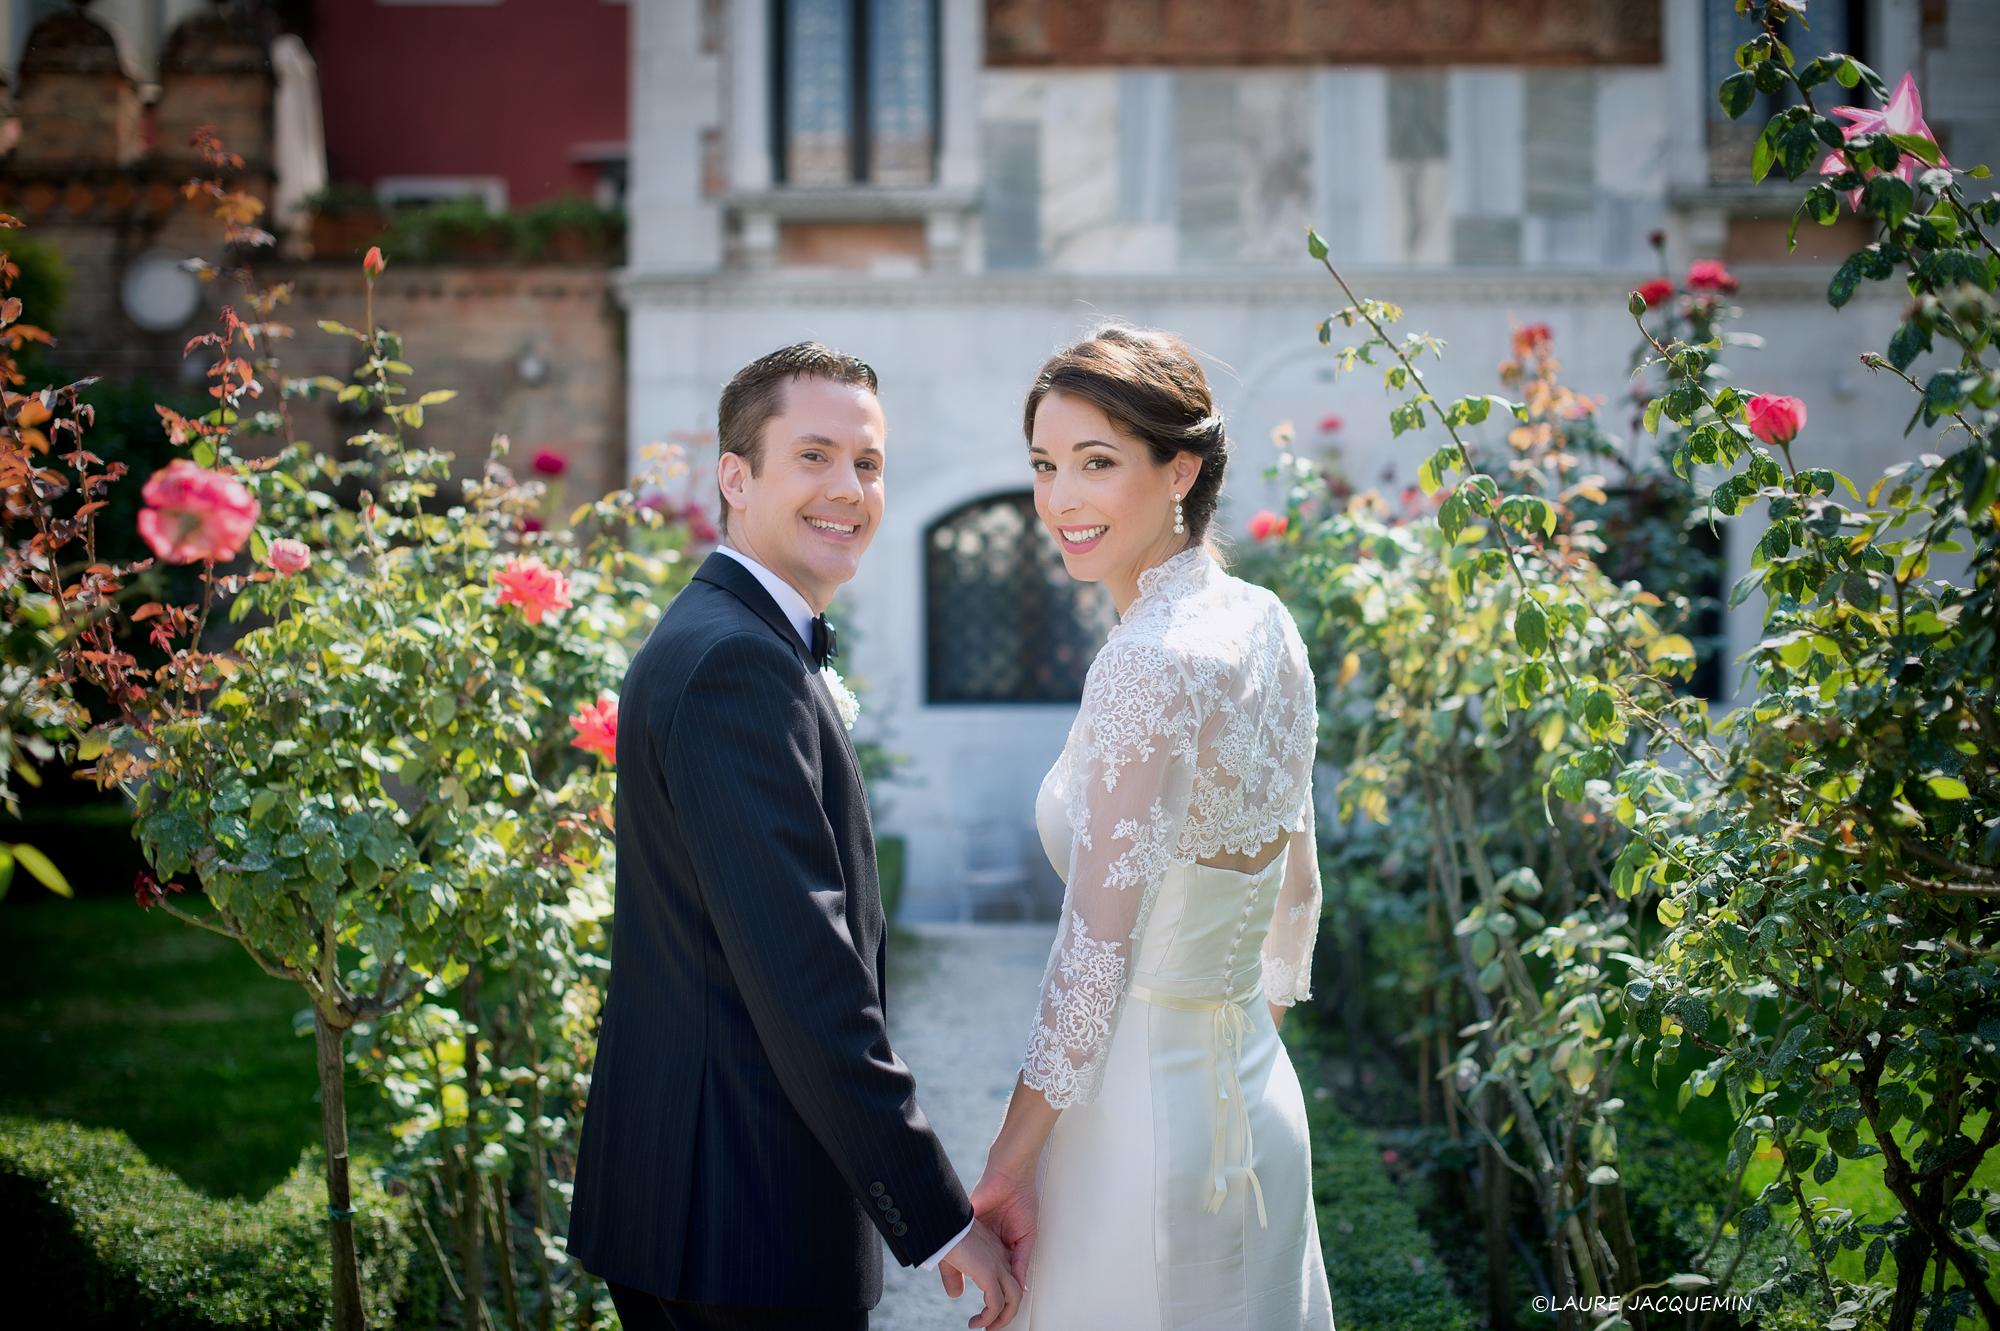 venise mariage photographe laure Jacquemin simbolique jardin venitien gondole (89)